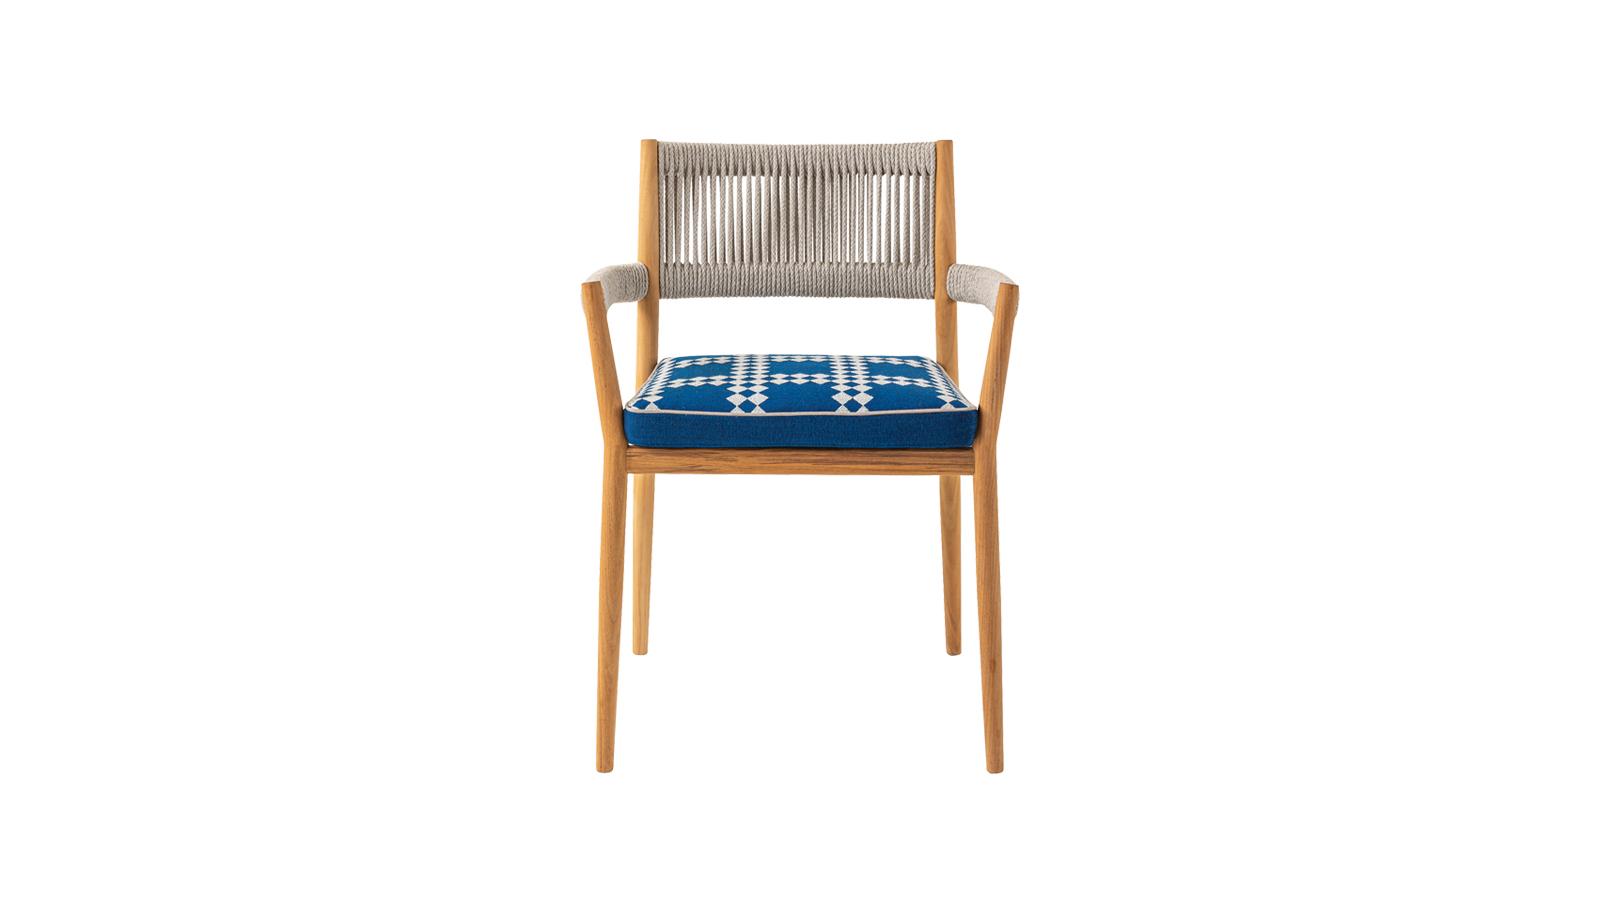 A Cassina 2020-ban bemutatott, Dine Out kültéri, rakásolható székei és karosszékei esetében az elegáns teakfa szerkezetet puha párnák és kézi szövésű, vízálló polipropilén kötél egészíti ki. A kollekciót a híres Rodolfo Dordoni tervezte.